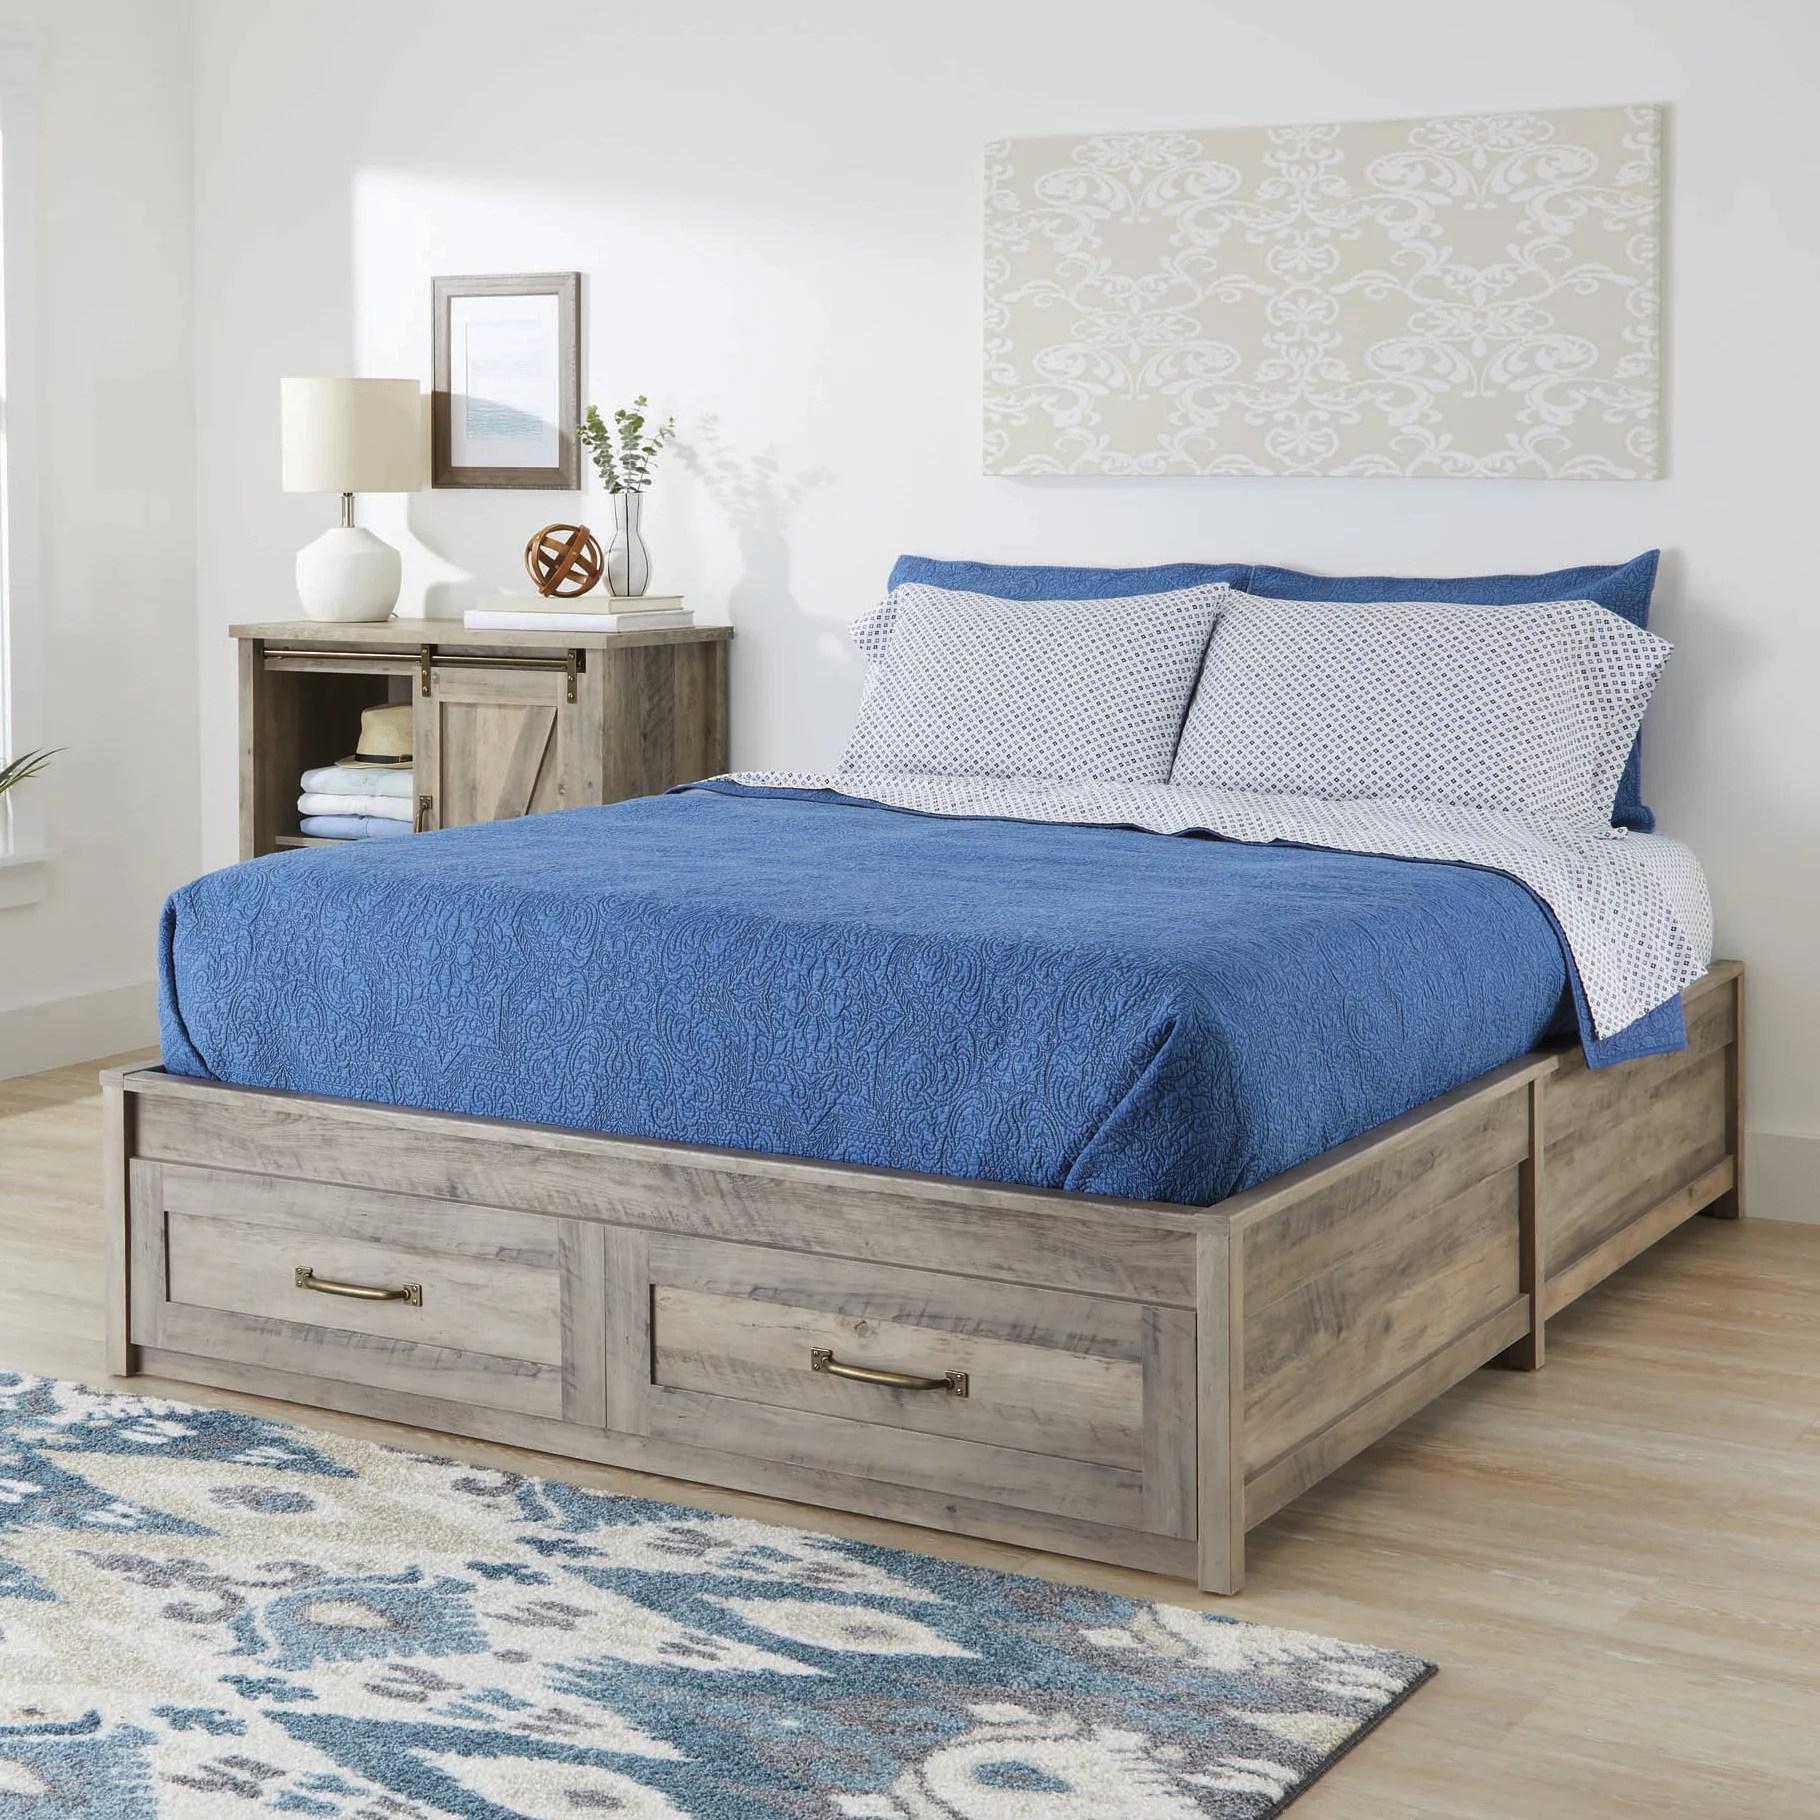 قابل للكشف تك توزيعات ارباح queen size bed frame with storage